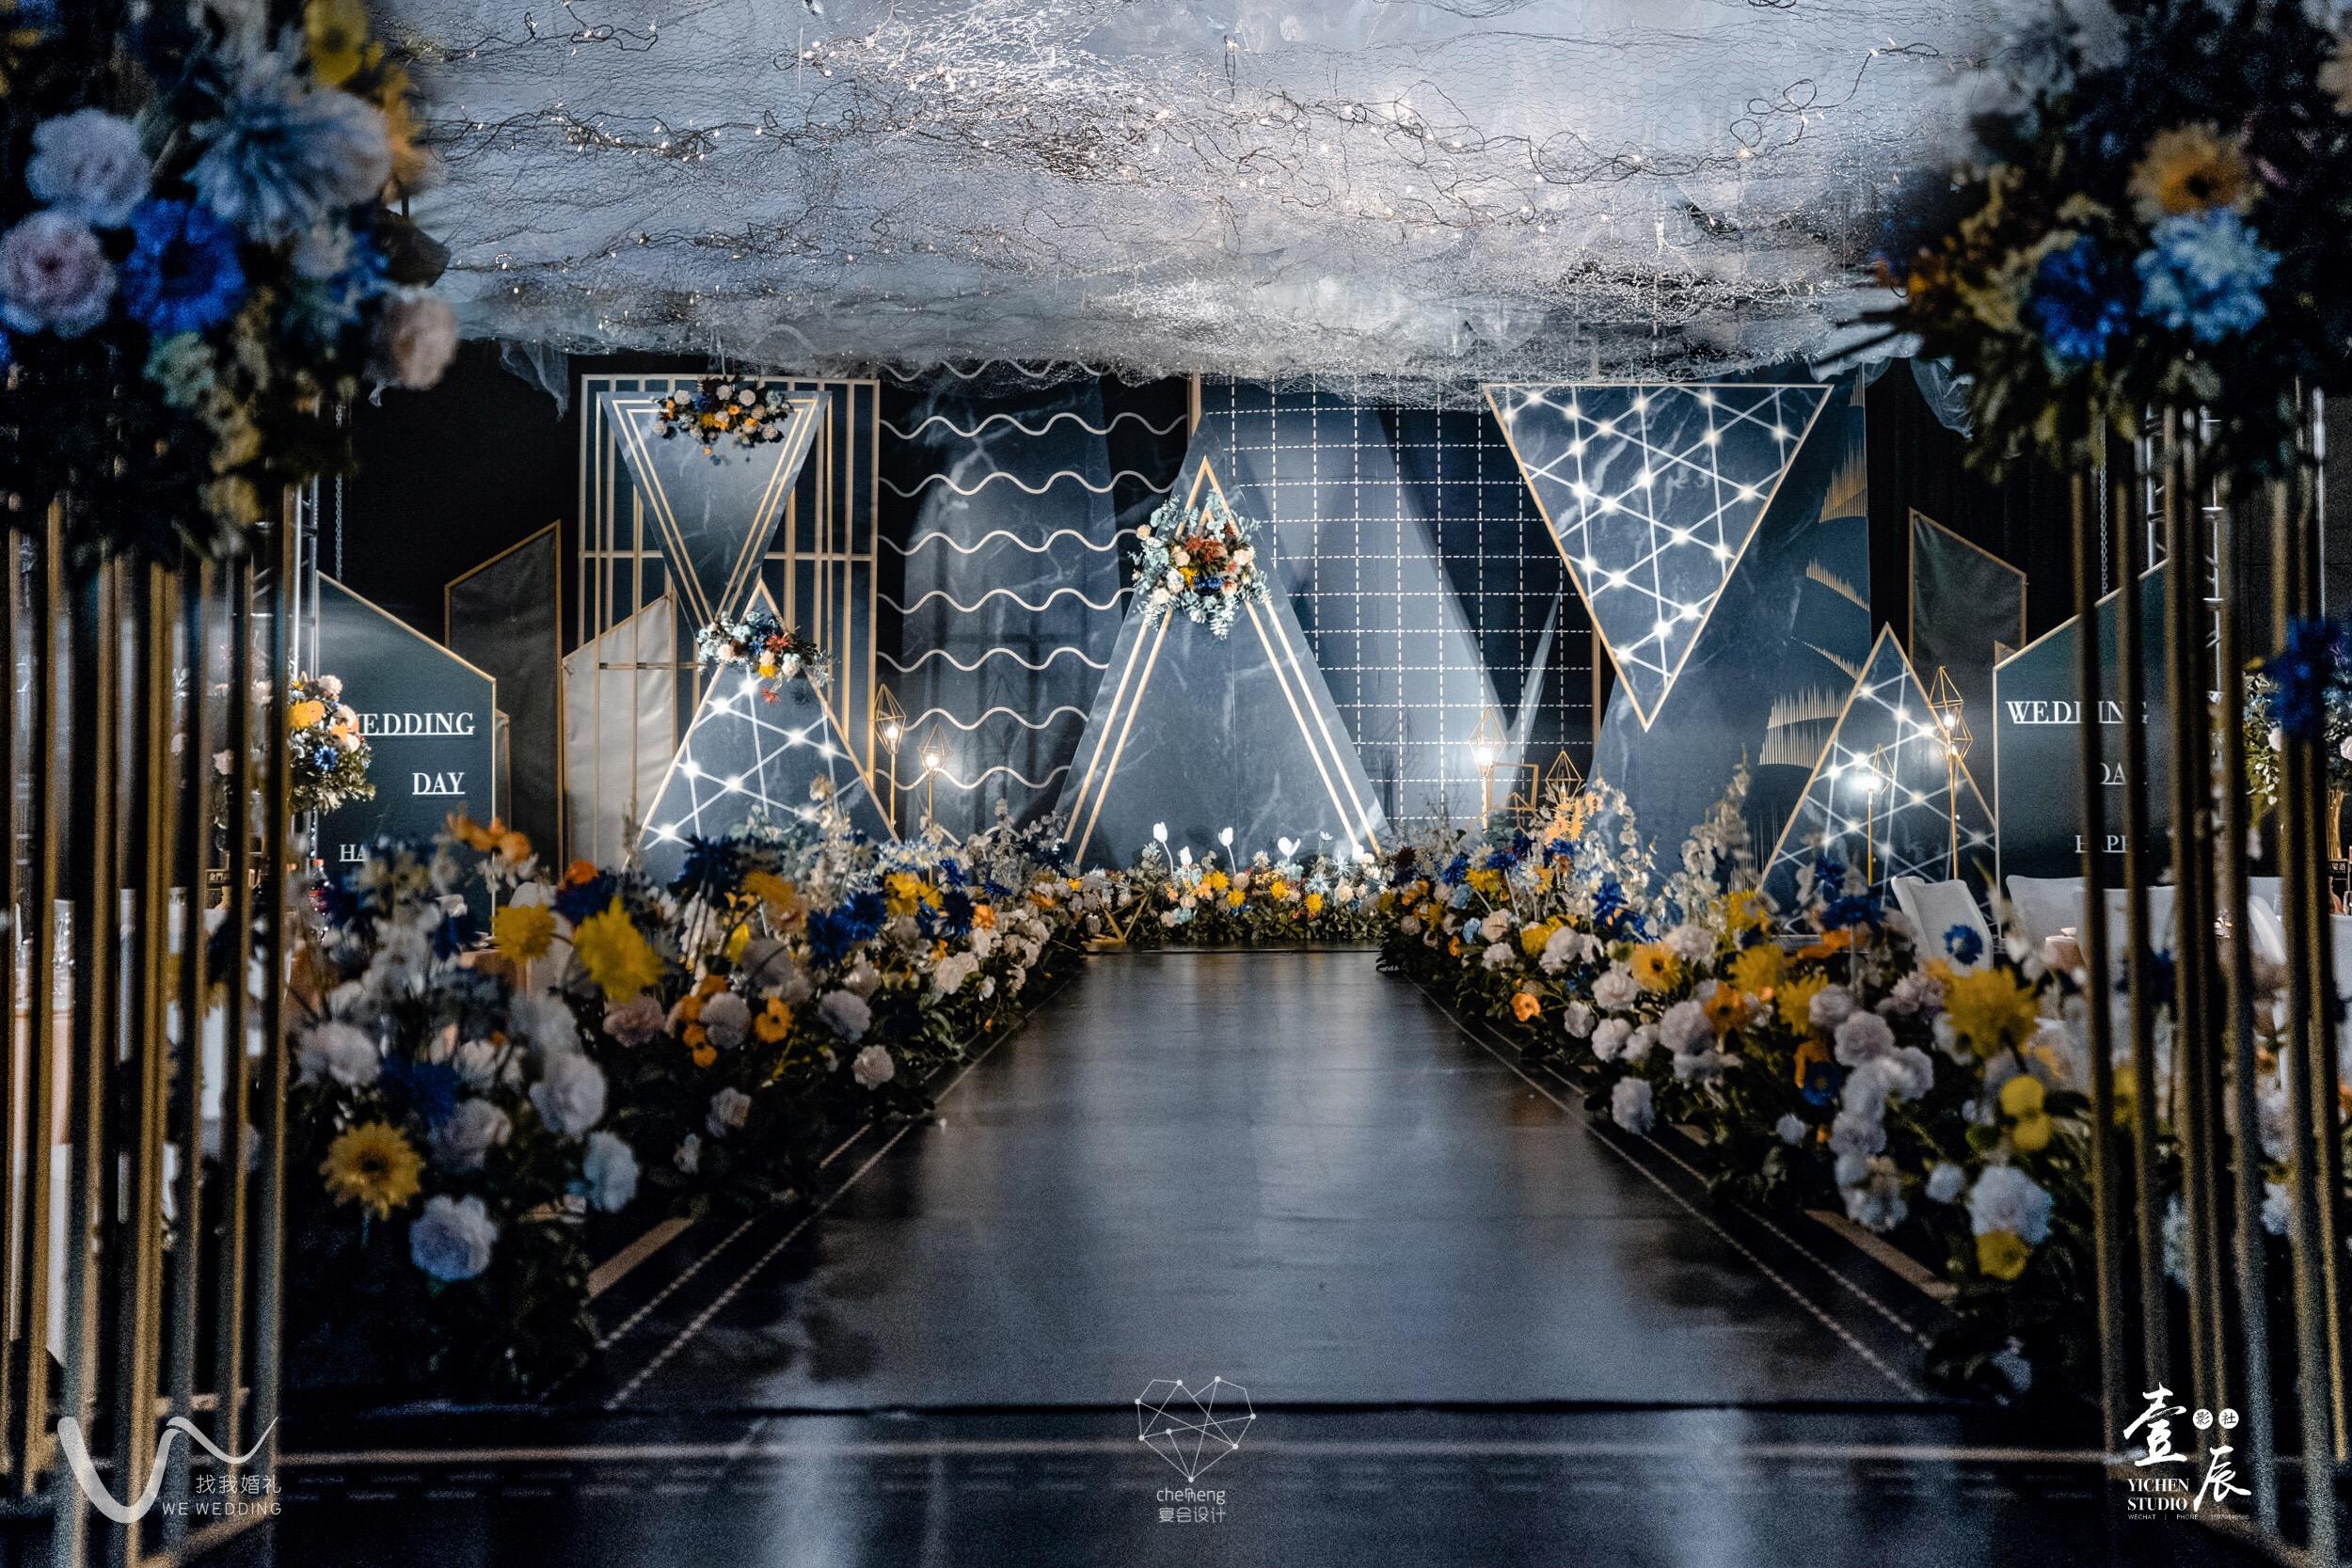 黑金几何婚礼图片